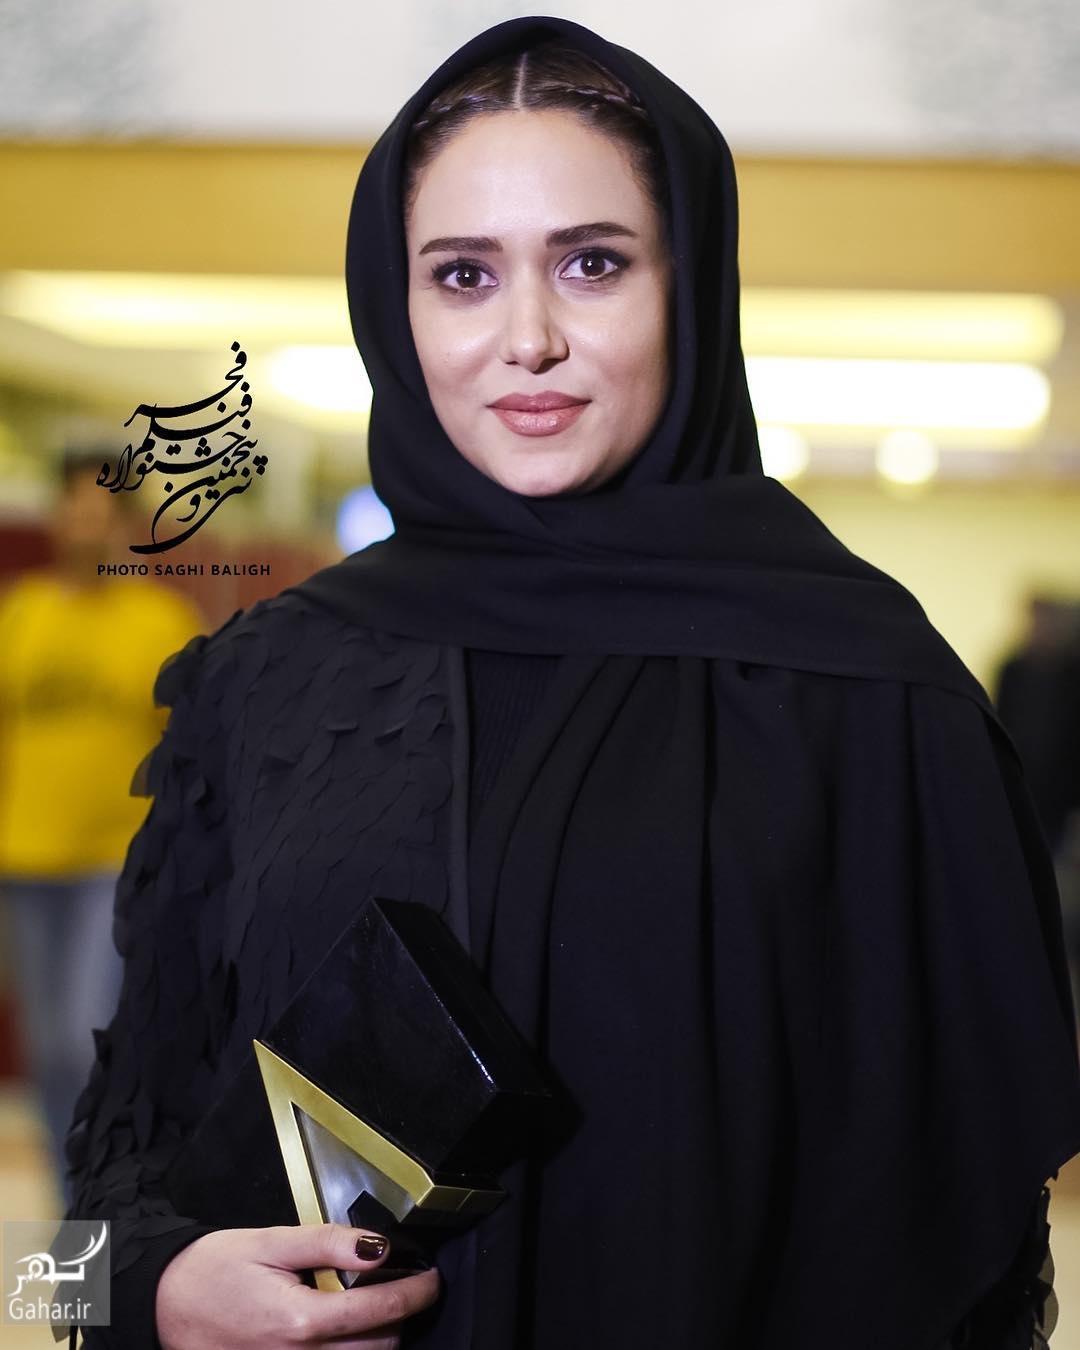 1485731783 عکس های هنرمندان در افتتاحیه جشنواره فیلم فجر 95؛سری دوم